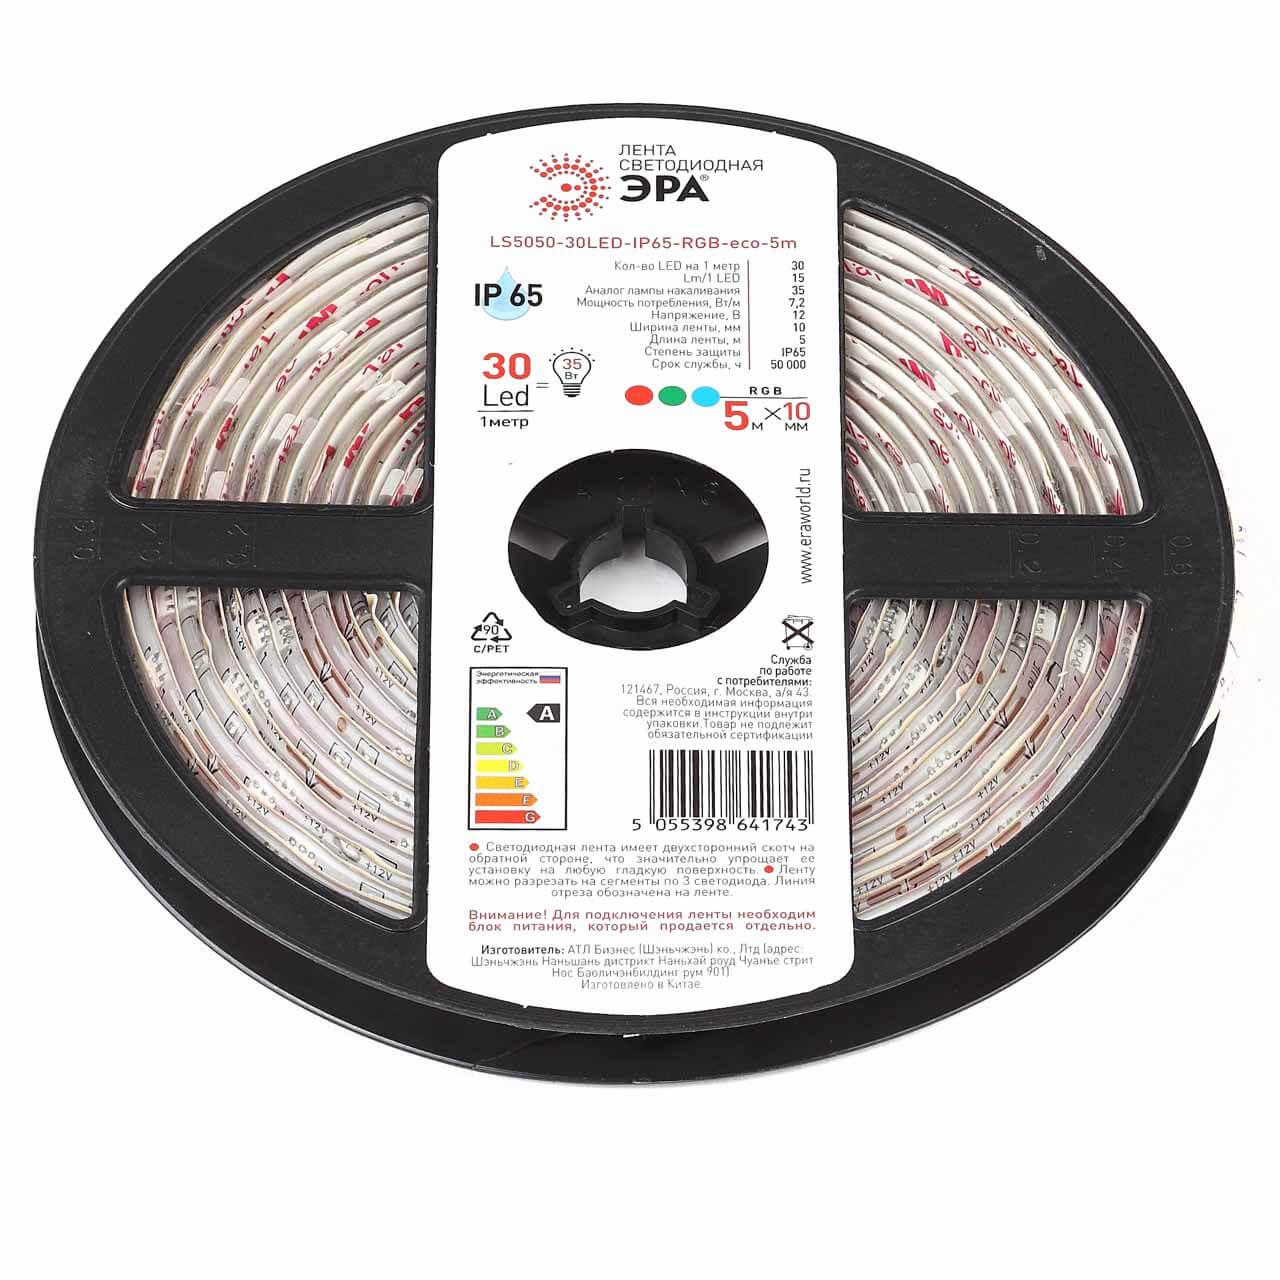 Светодиодная влагозащищенная лента ЭРА 4,8W/m 30LED/m 5050SMD RGB 5M LS5050-30LED-IP65-RGB-eco-5m стоимость